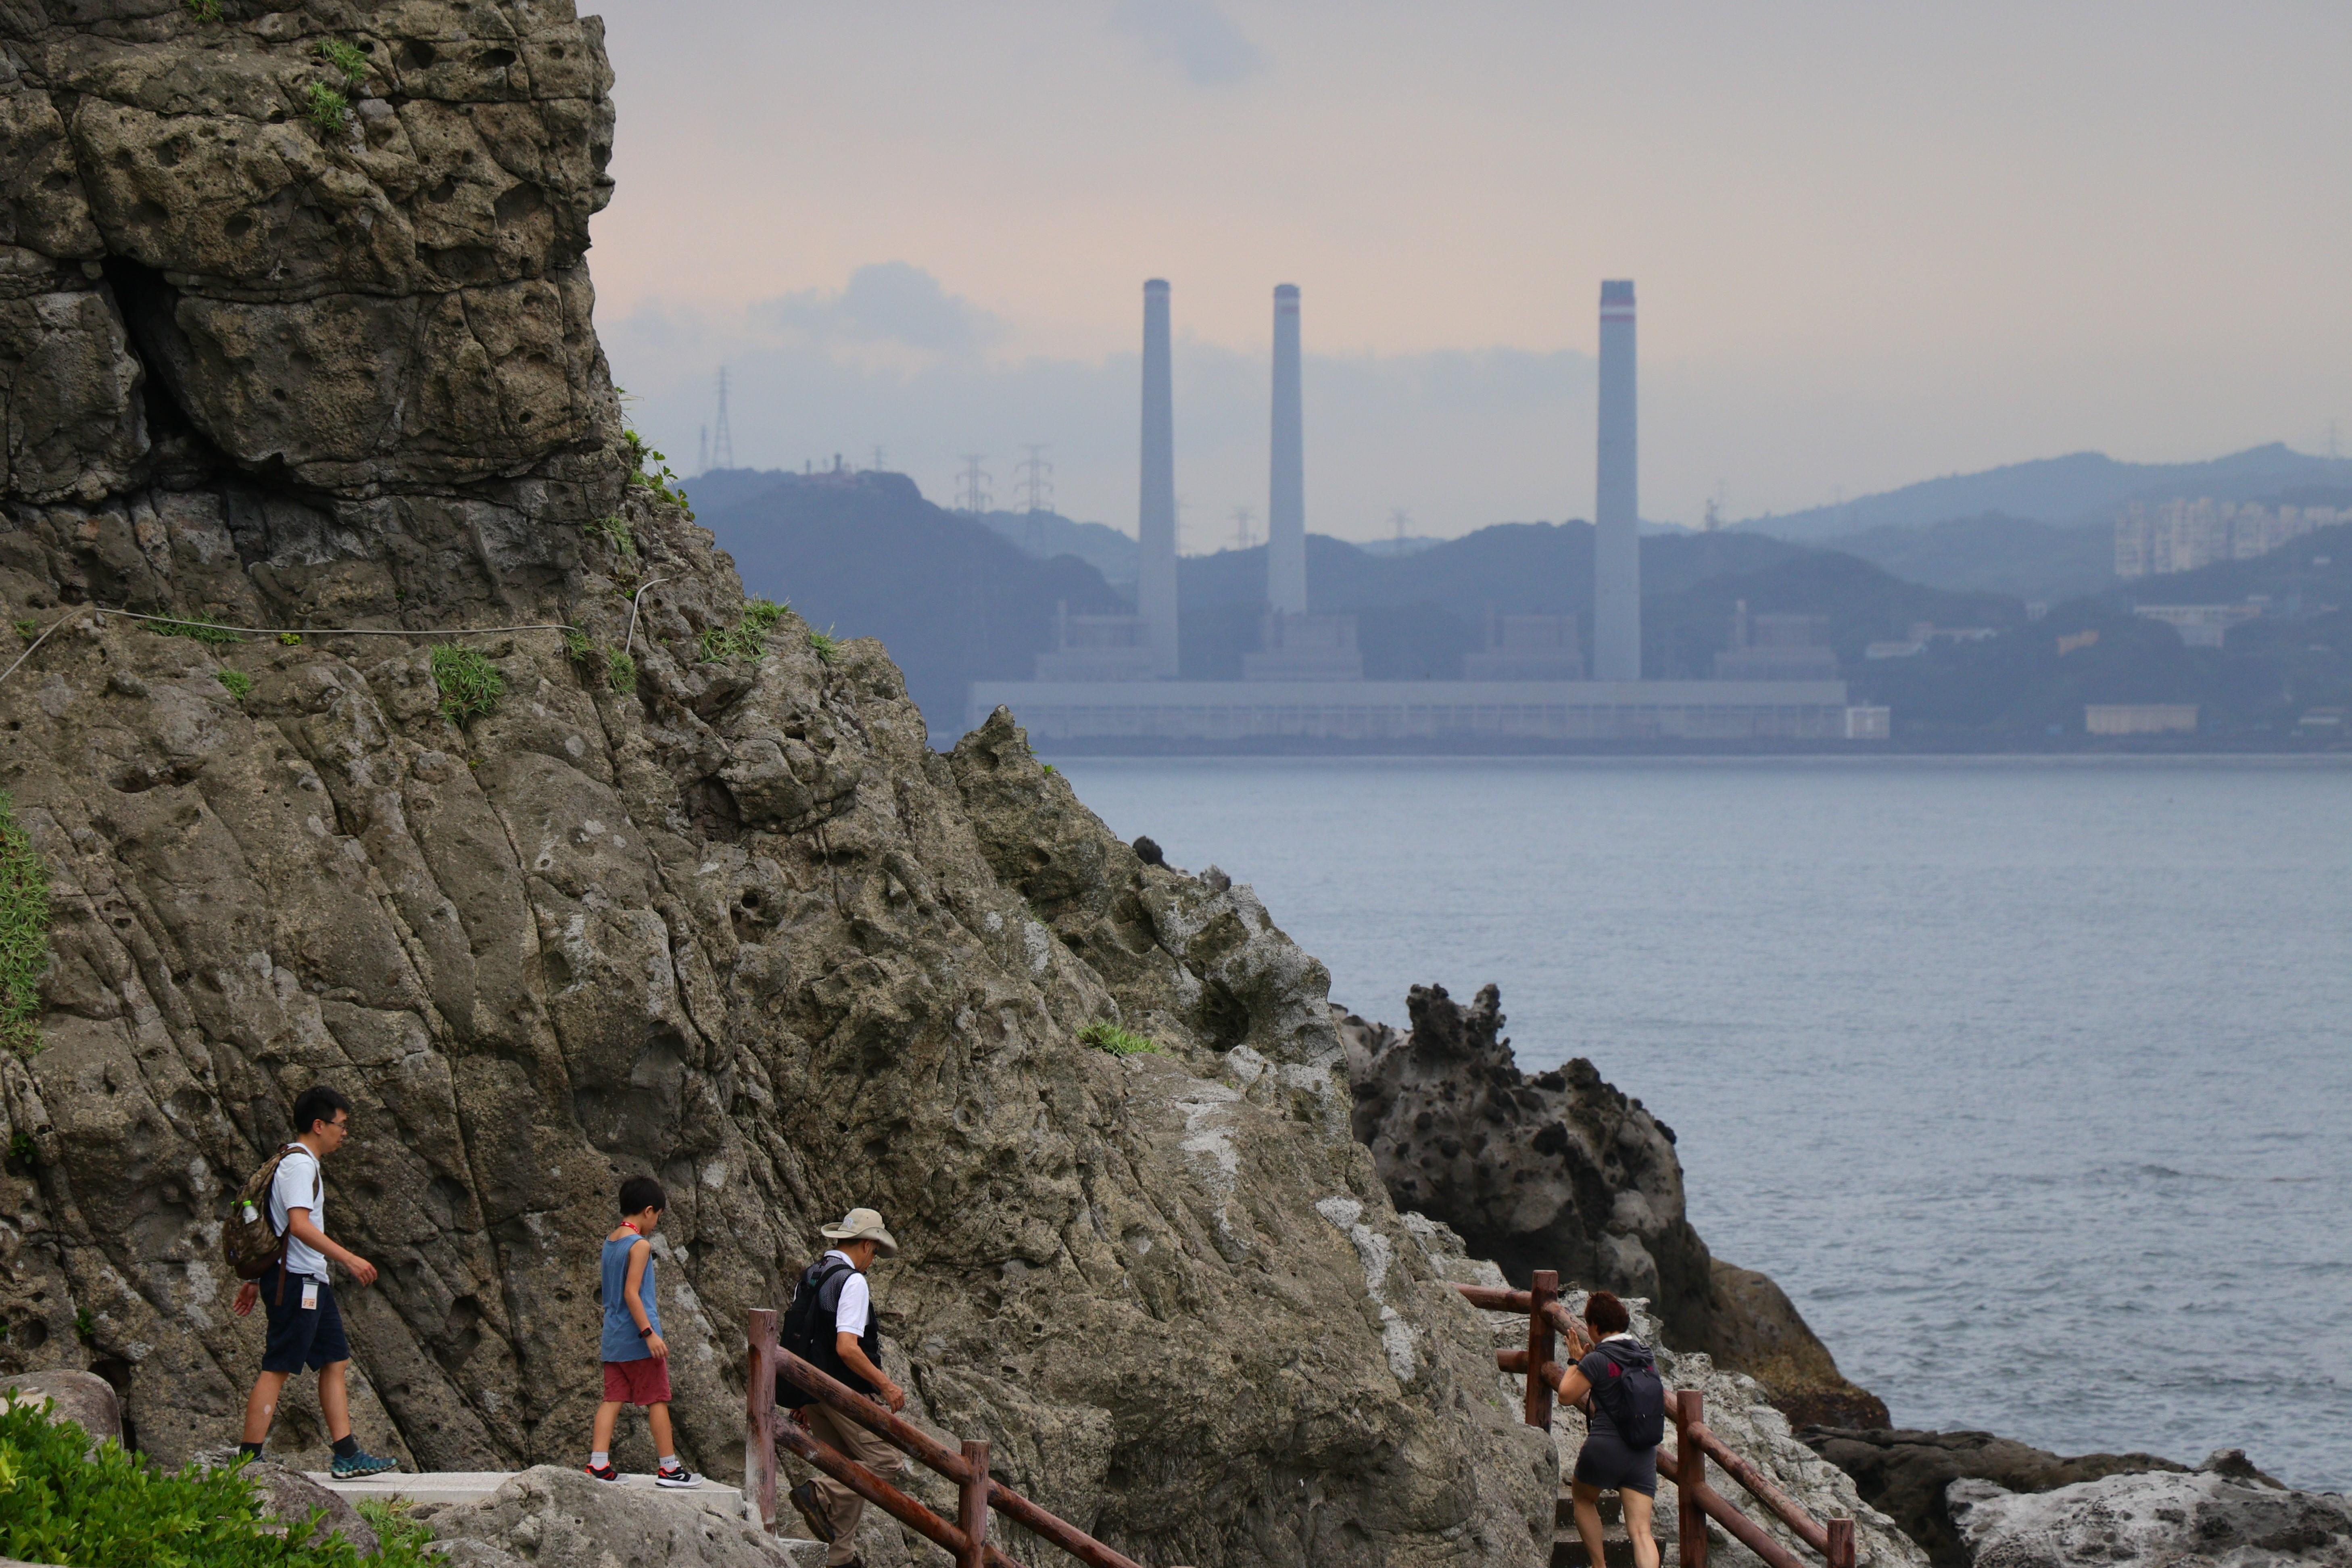 【陳立誠觀點】由能源政策檢驗臺灣民主